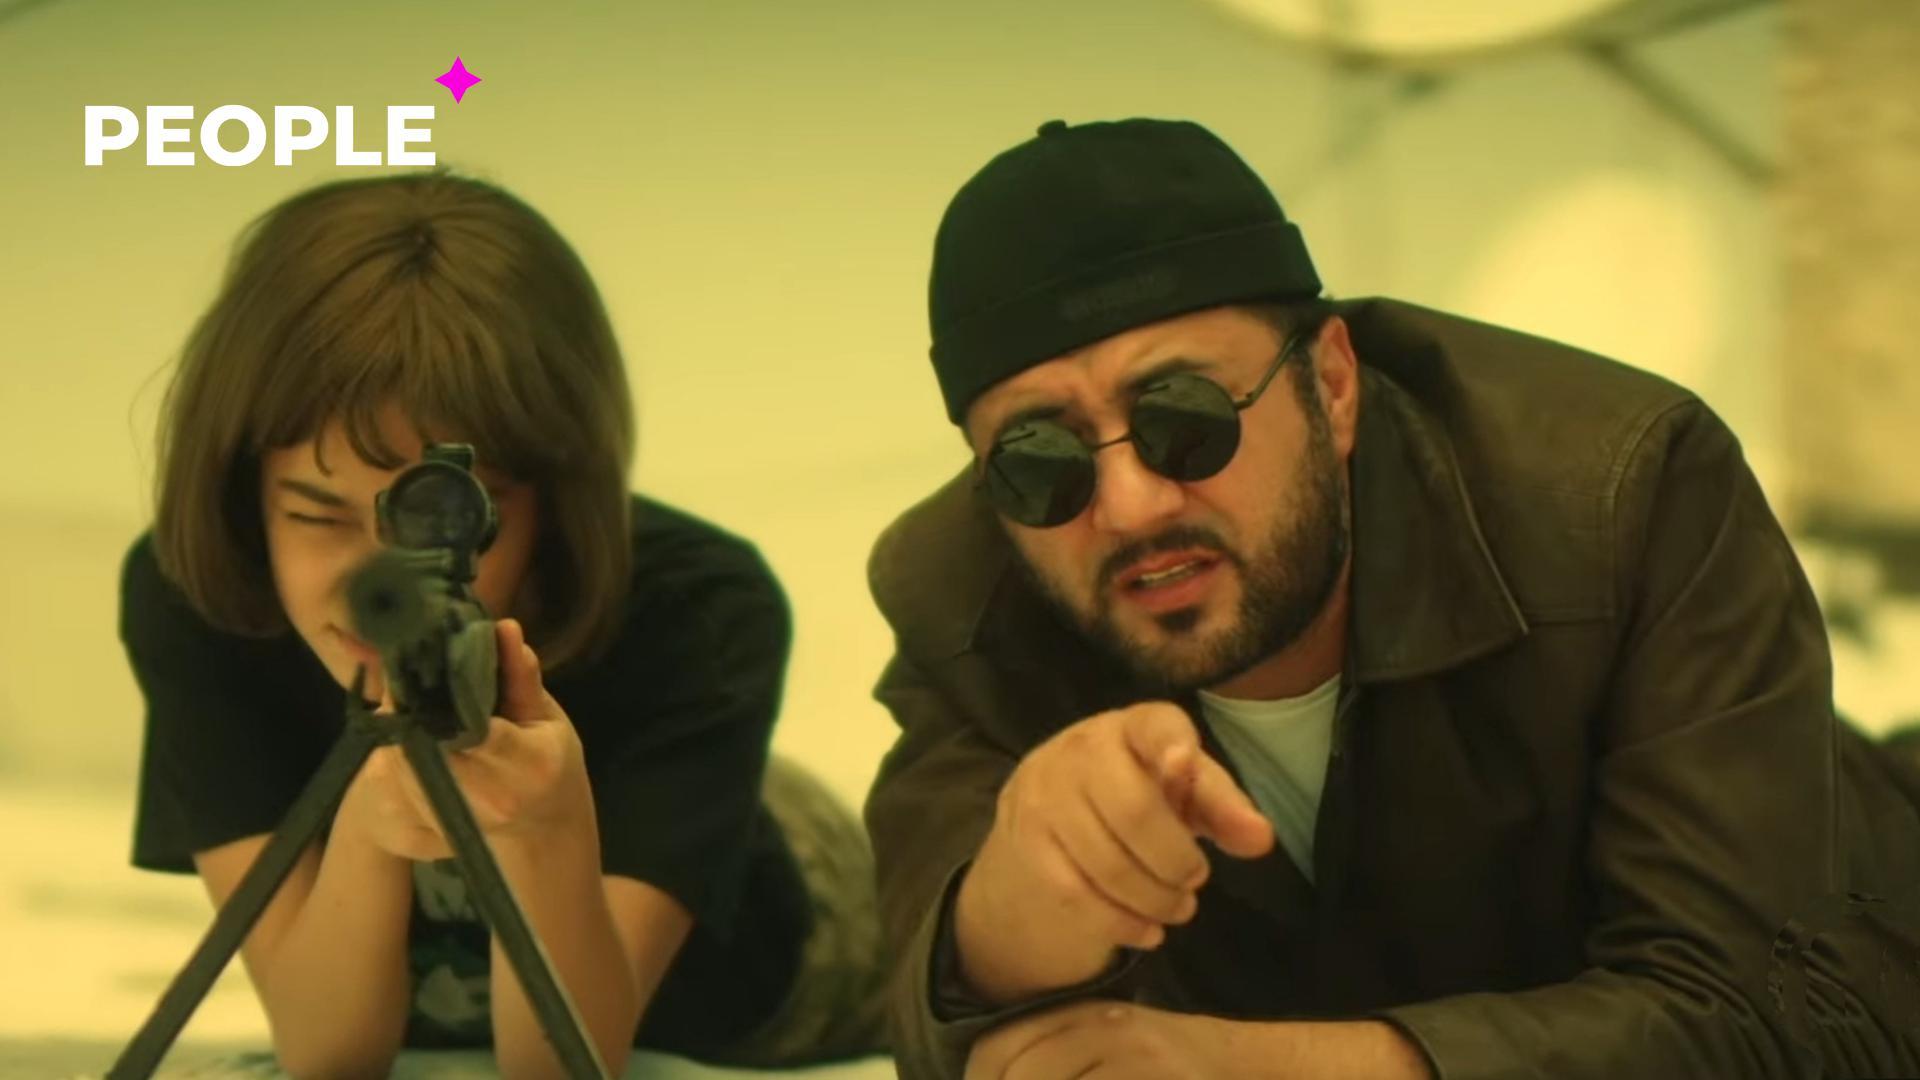 Клип узбекского певца Ёдгора Мирзажонова уличили в плагиате культового фильма «Леон»